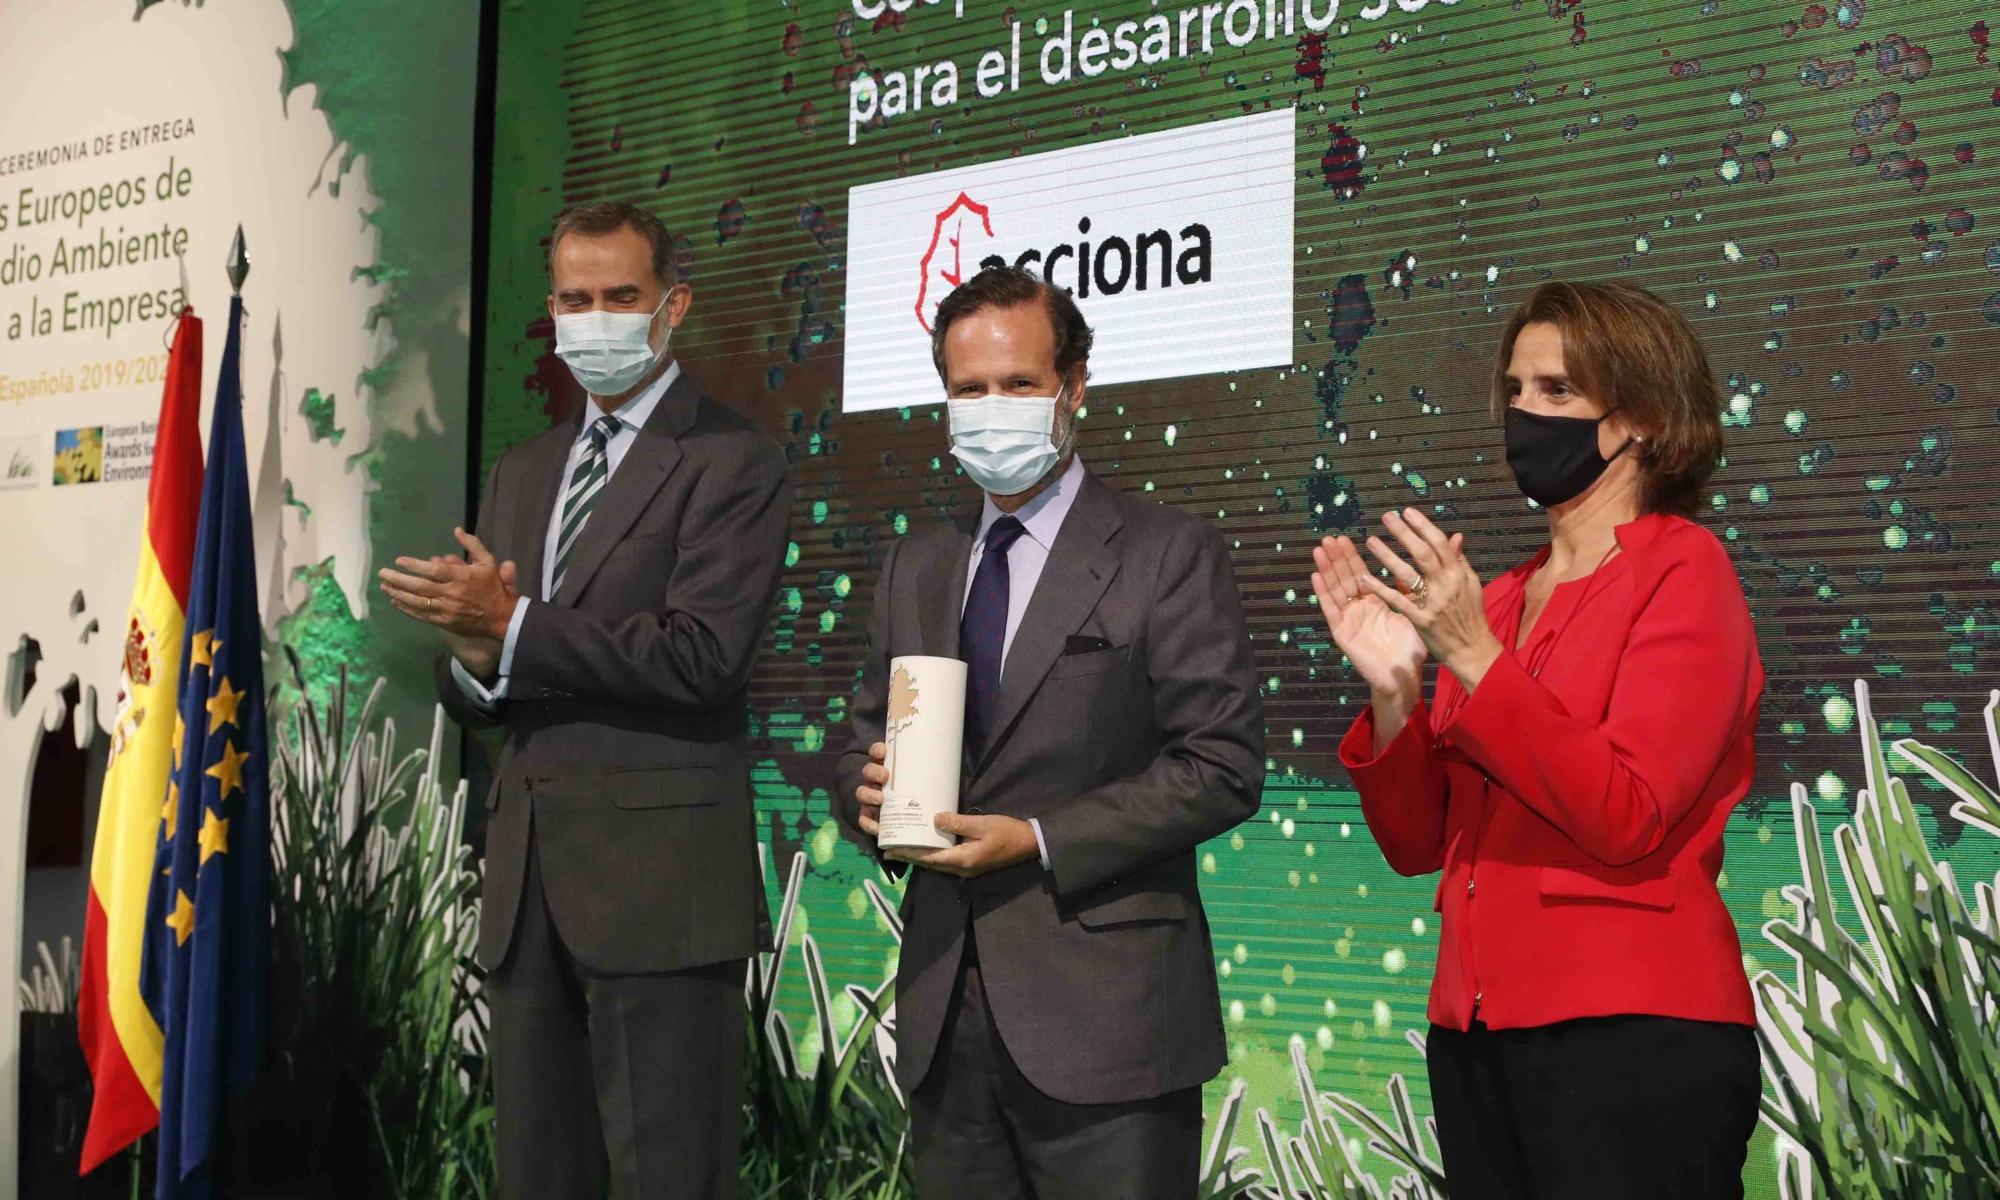 Premio medio ambiente a Acciona